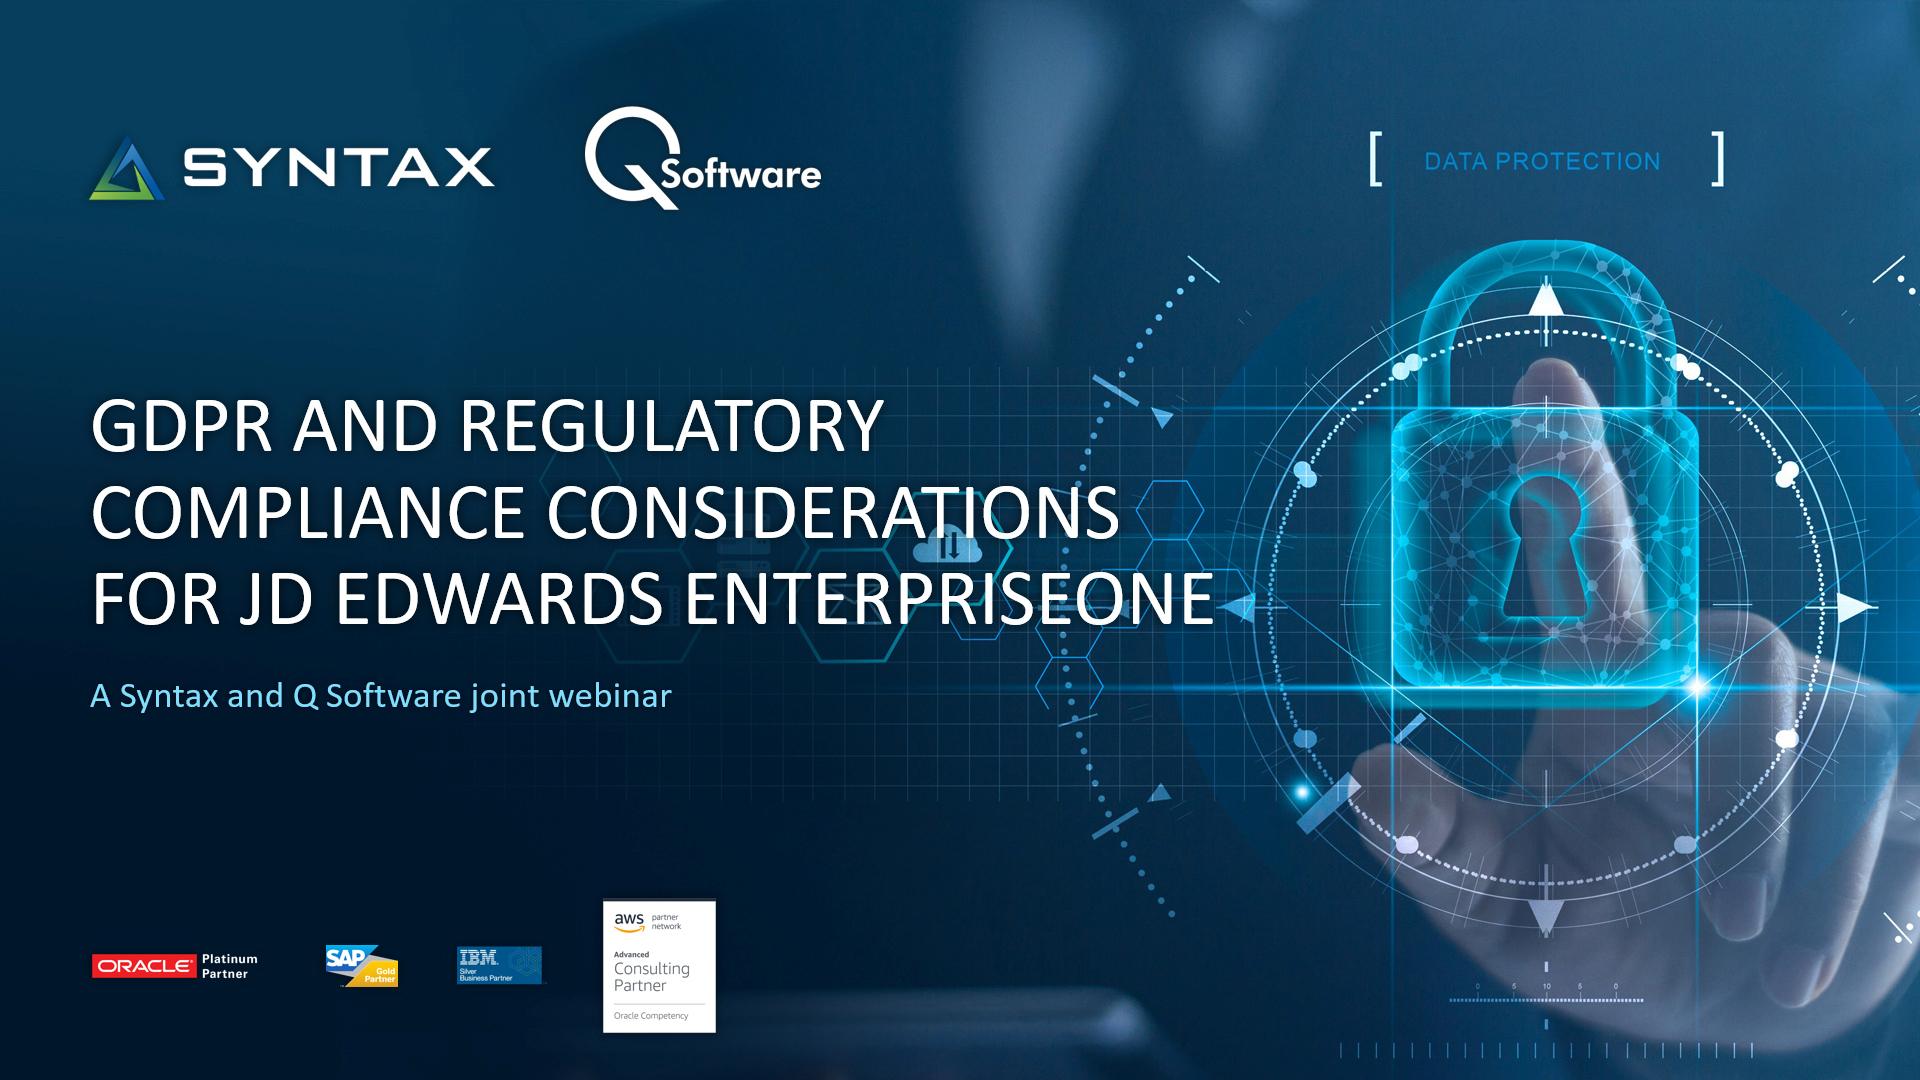 GDPR and Regulatory Compliance Considerations for JDE E1